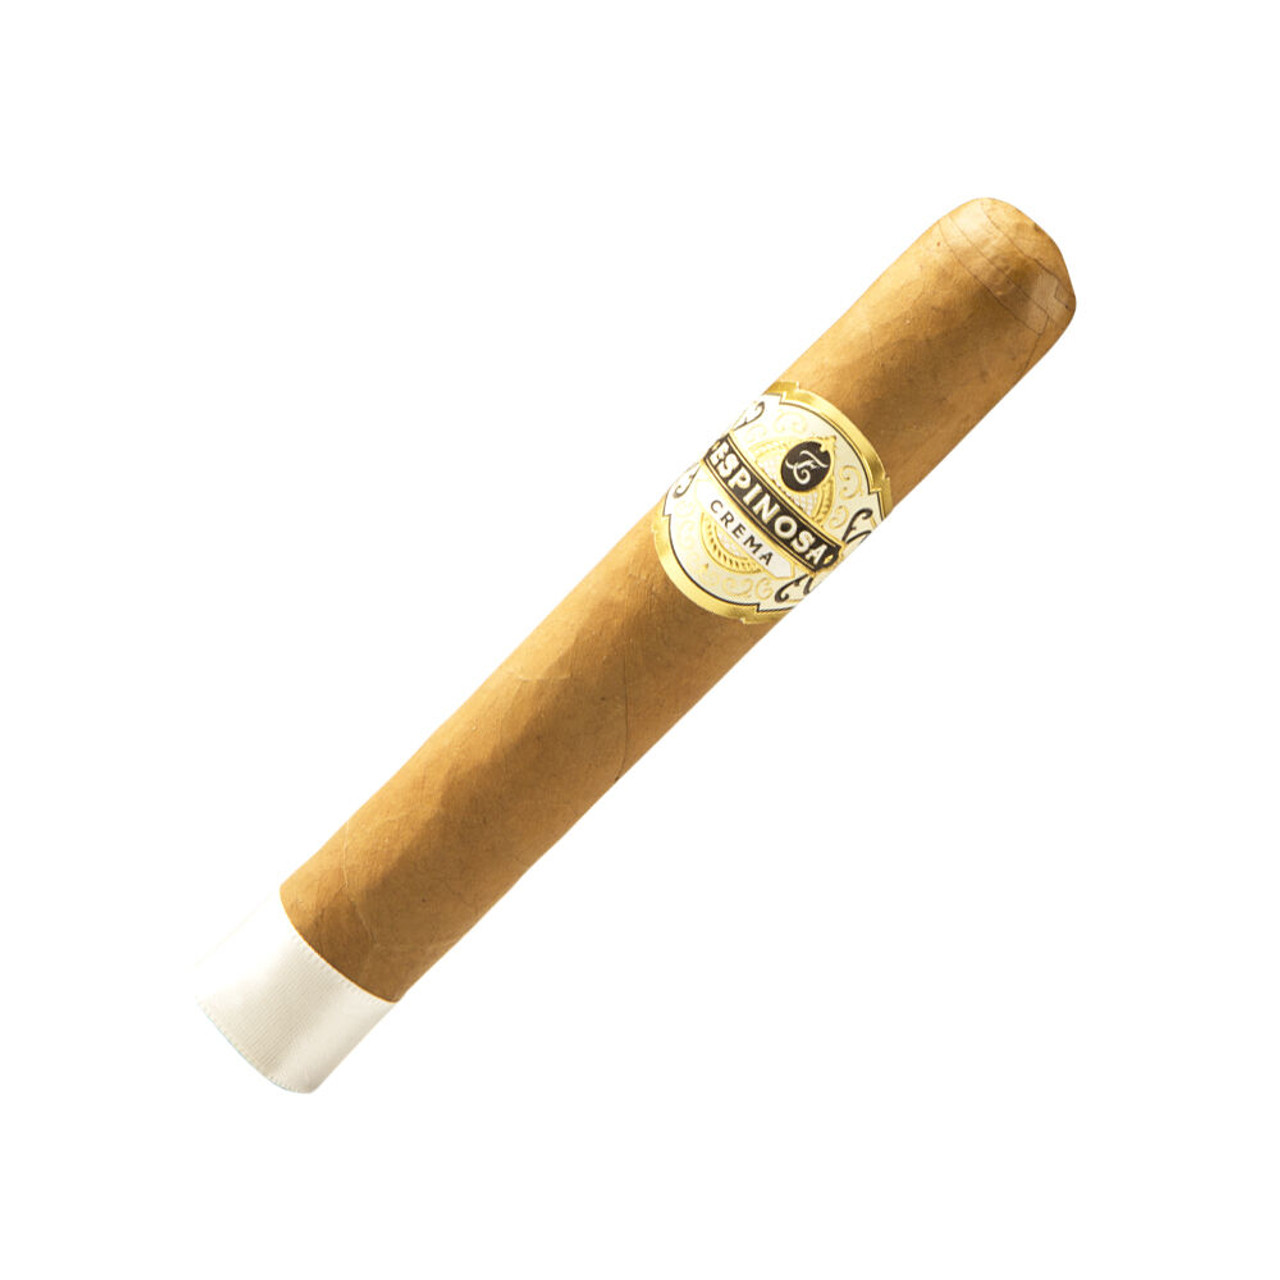 Espinosa Crema No. 4 Robusto Cigars - 5.5 x 52 (Pack of 5)